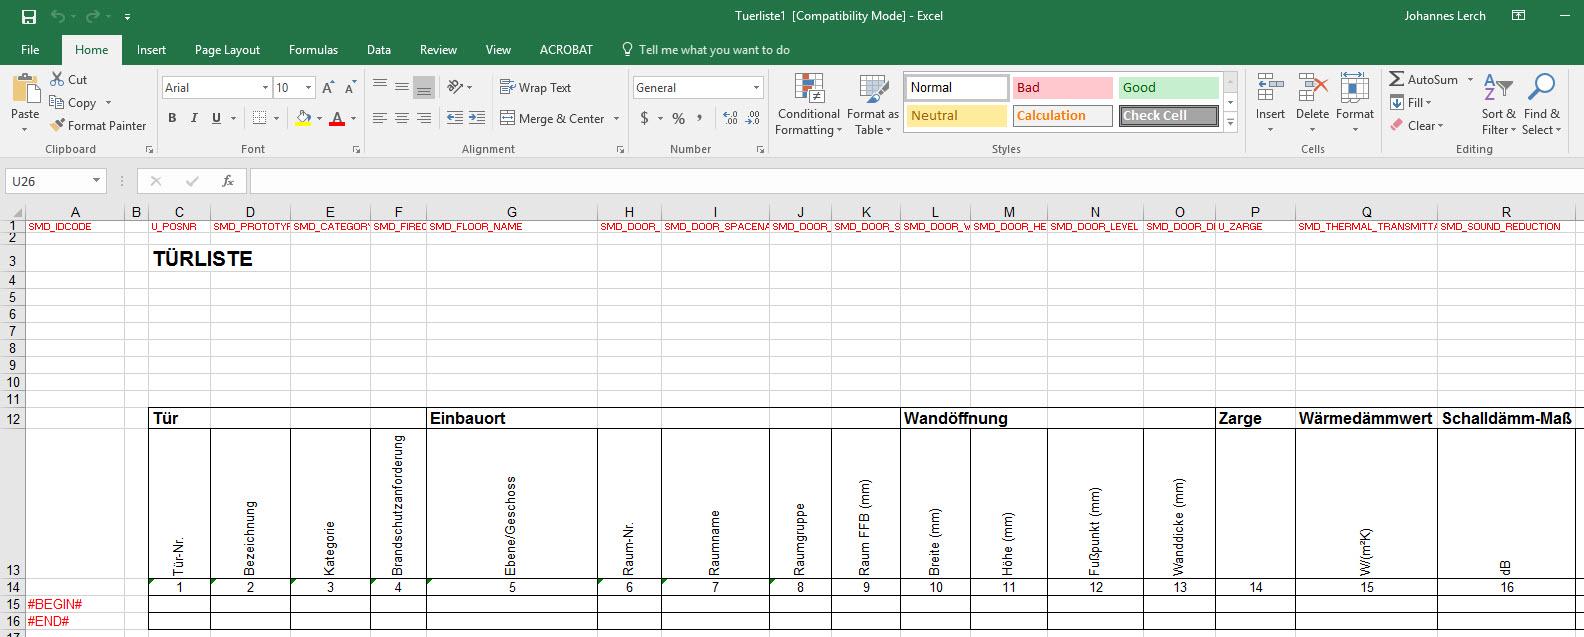 Groß Histogramm Vorlage Excel Ideen - Entry Level Resume Vorlagen ...